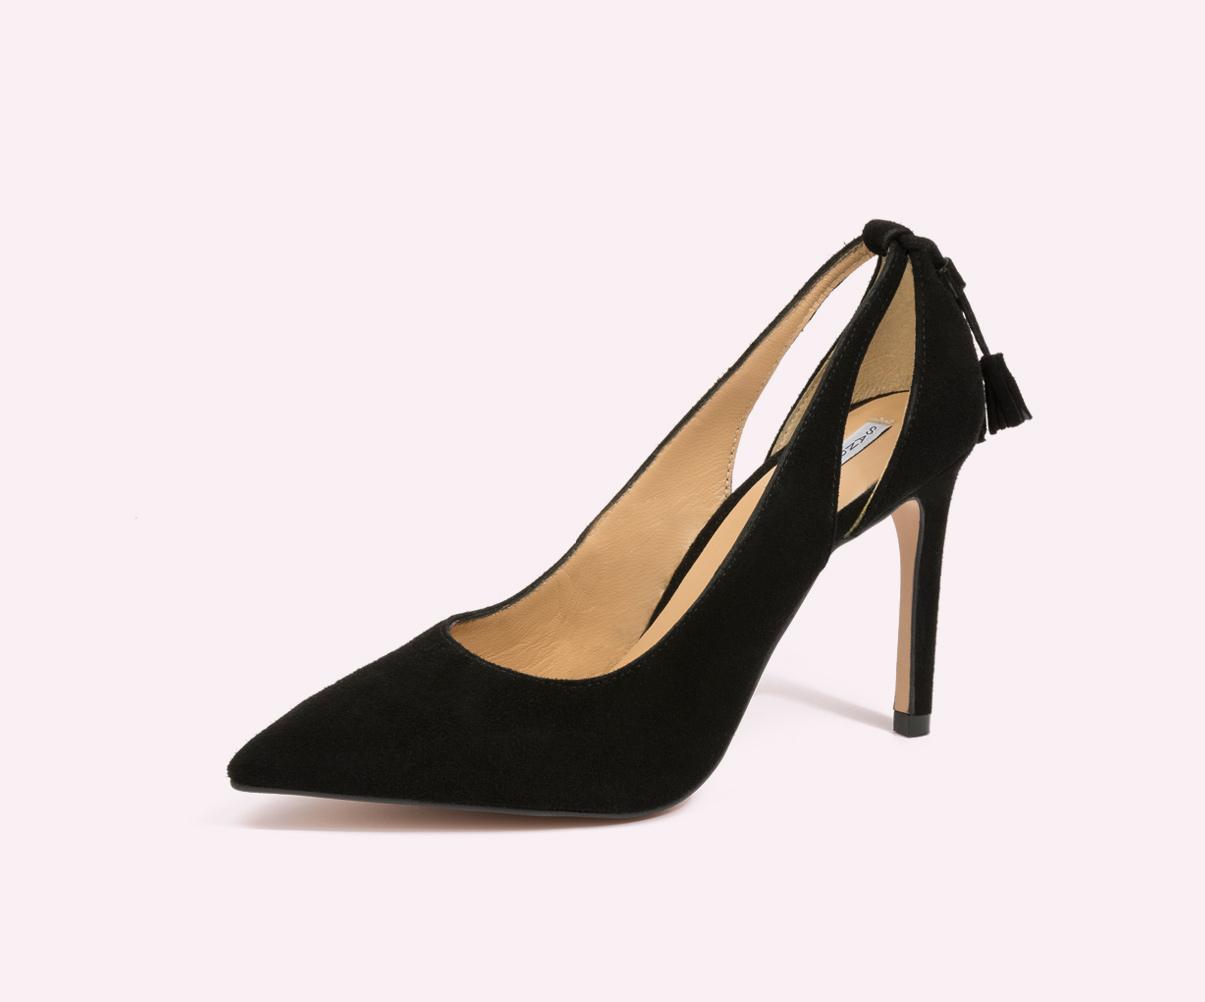 zapatos negros de tacón hechos a mano por la fábrica de calzado Sandra Stylo